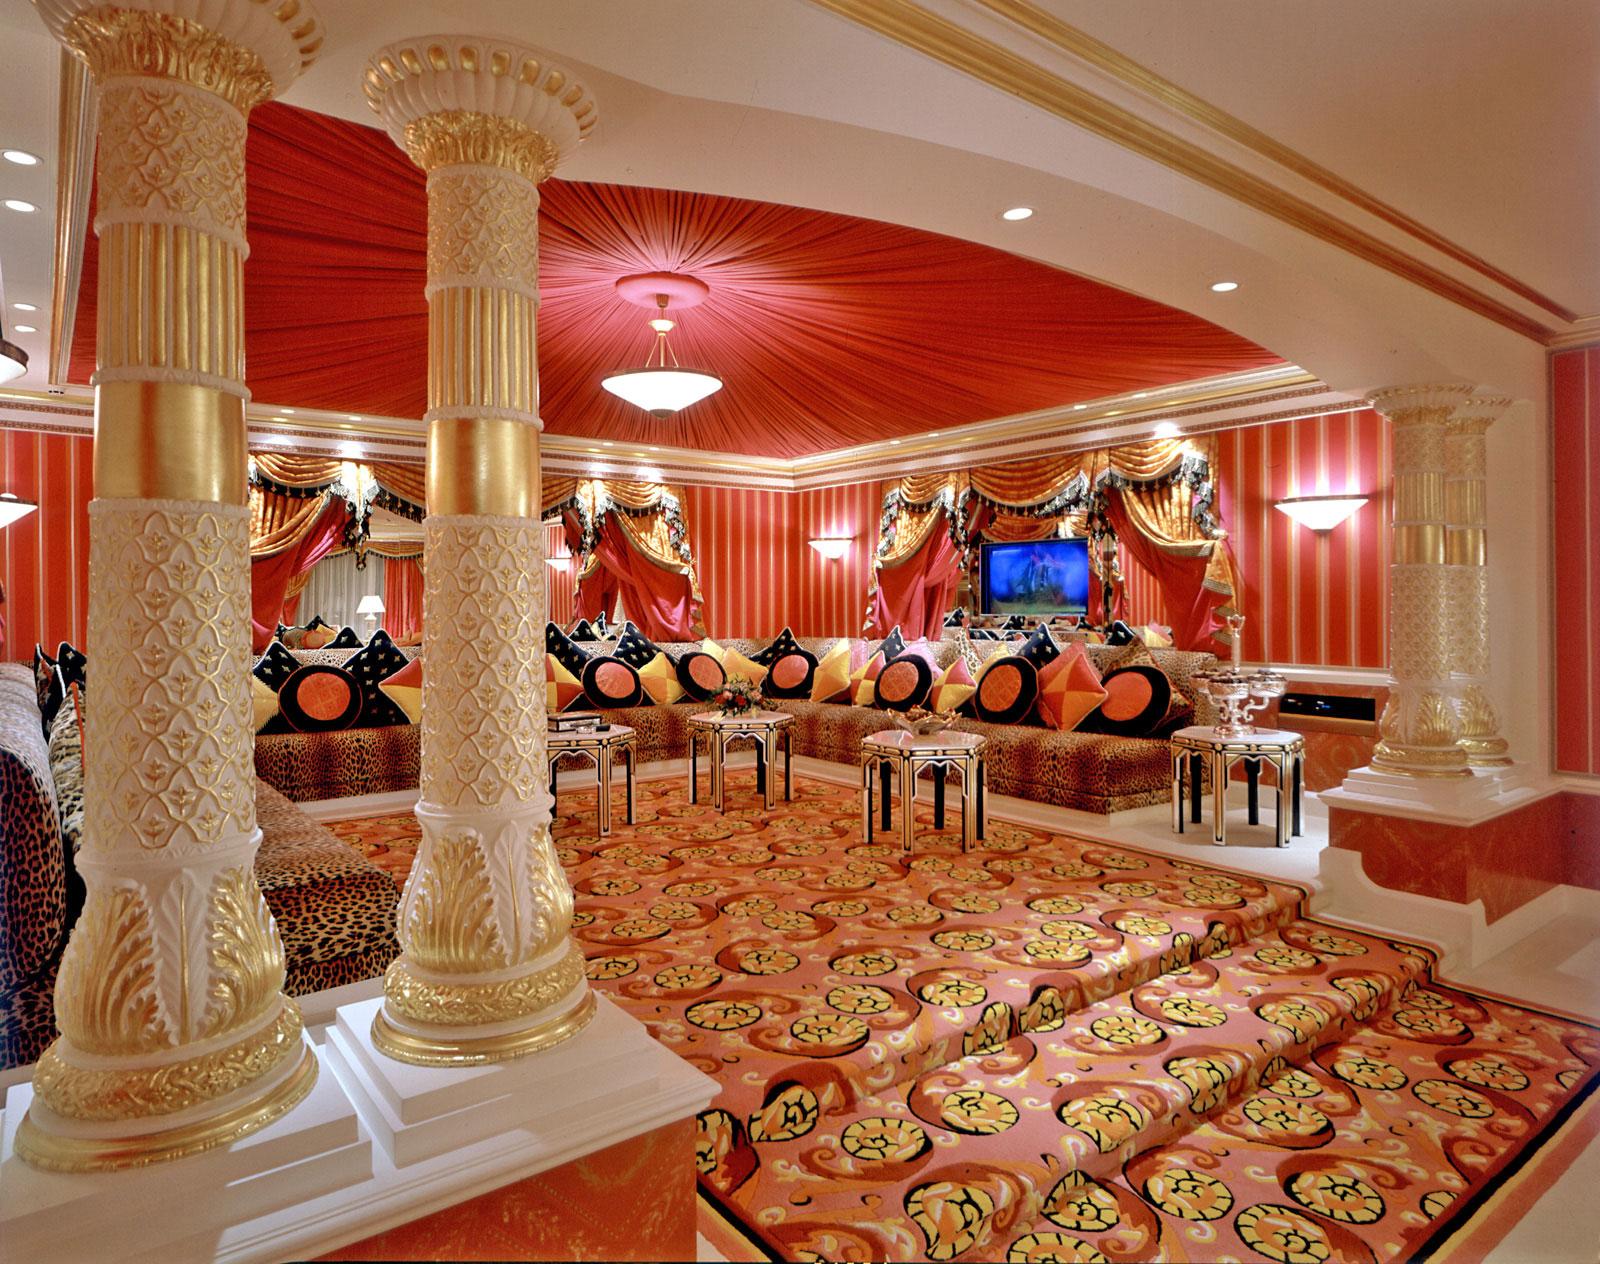 Arabic Interior Design Decor Ideas And Photos